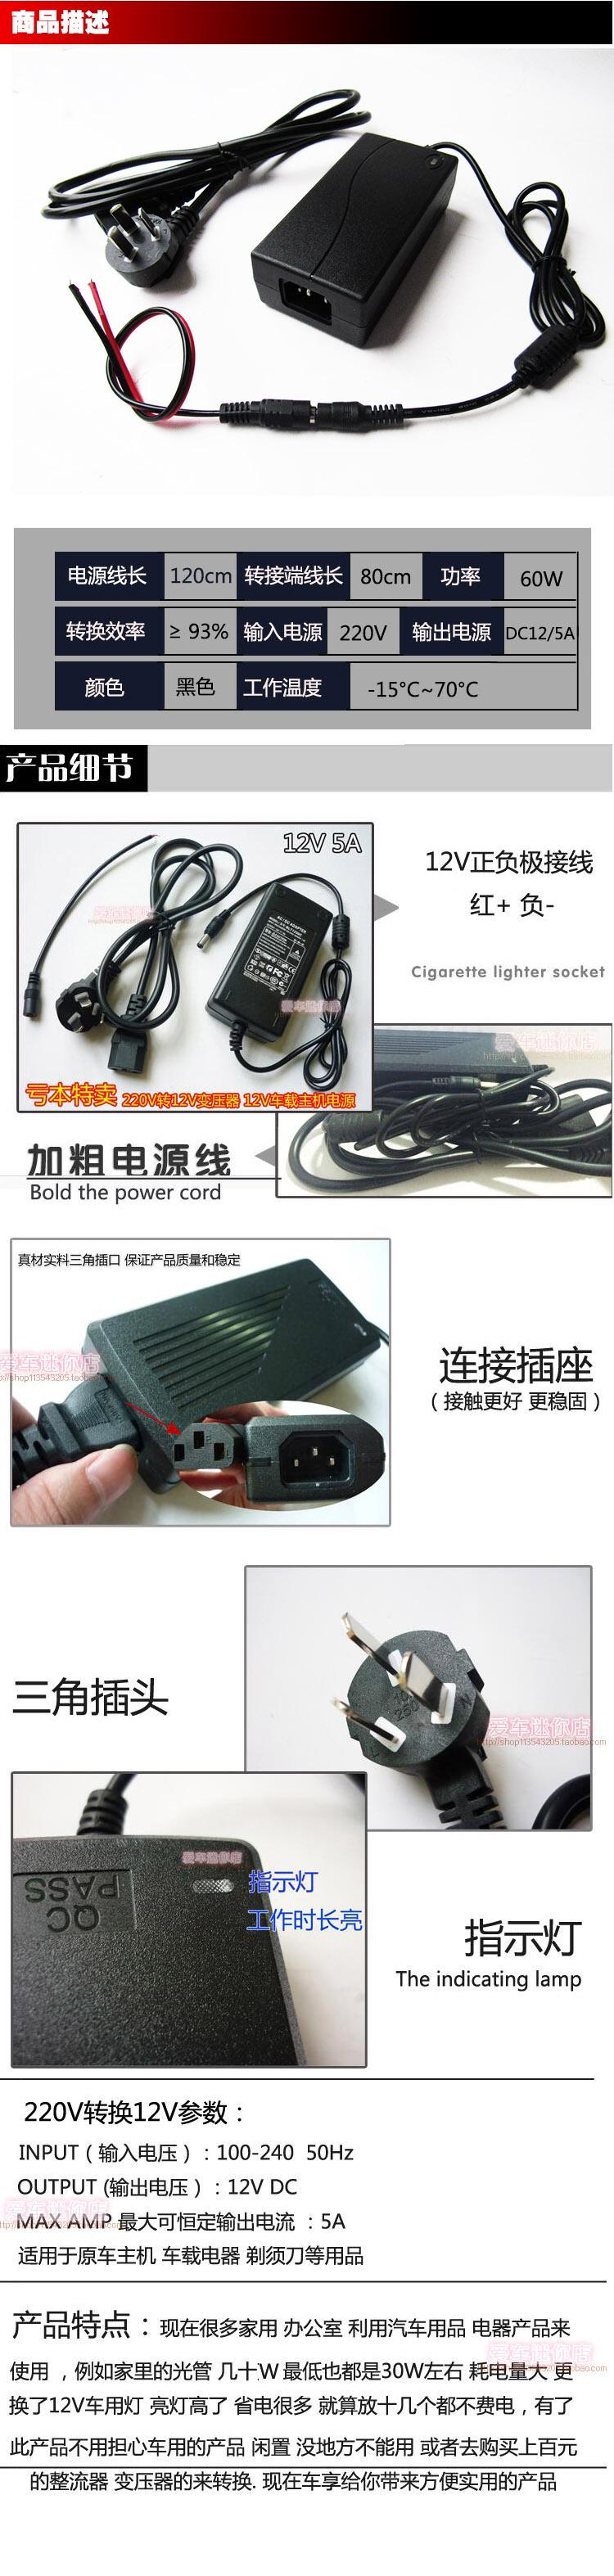 220v 12v zdroj síly se 5a/10a auto s konvertorem transformátorů se adaptér pro domácnost